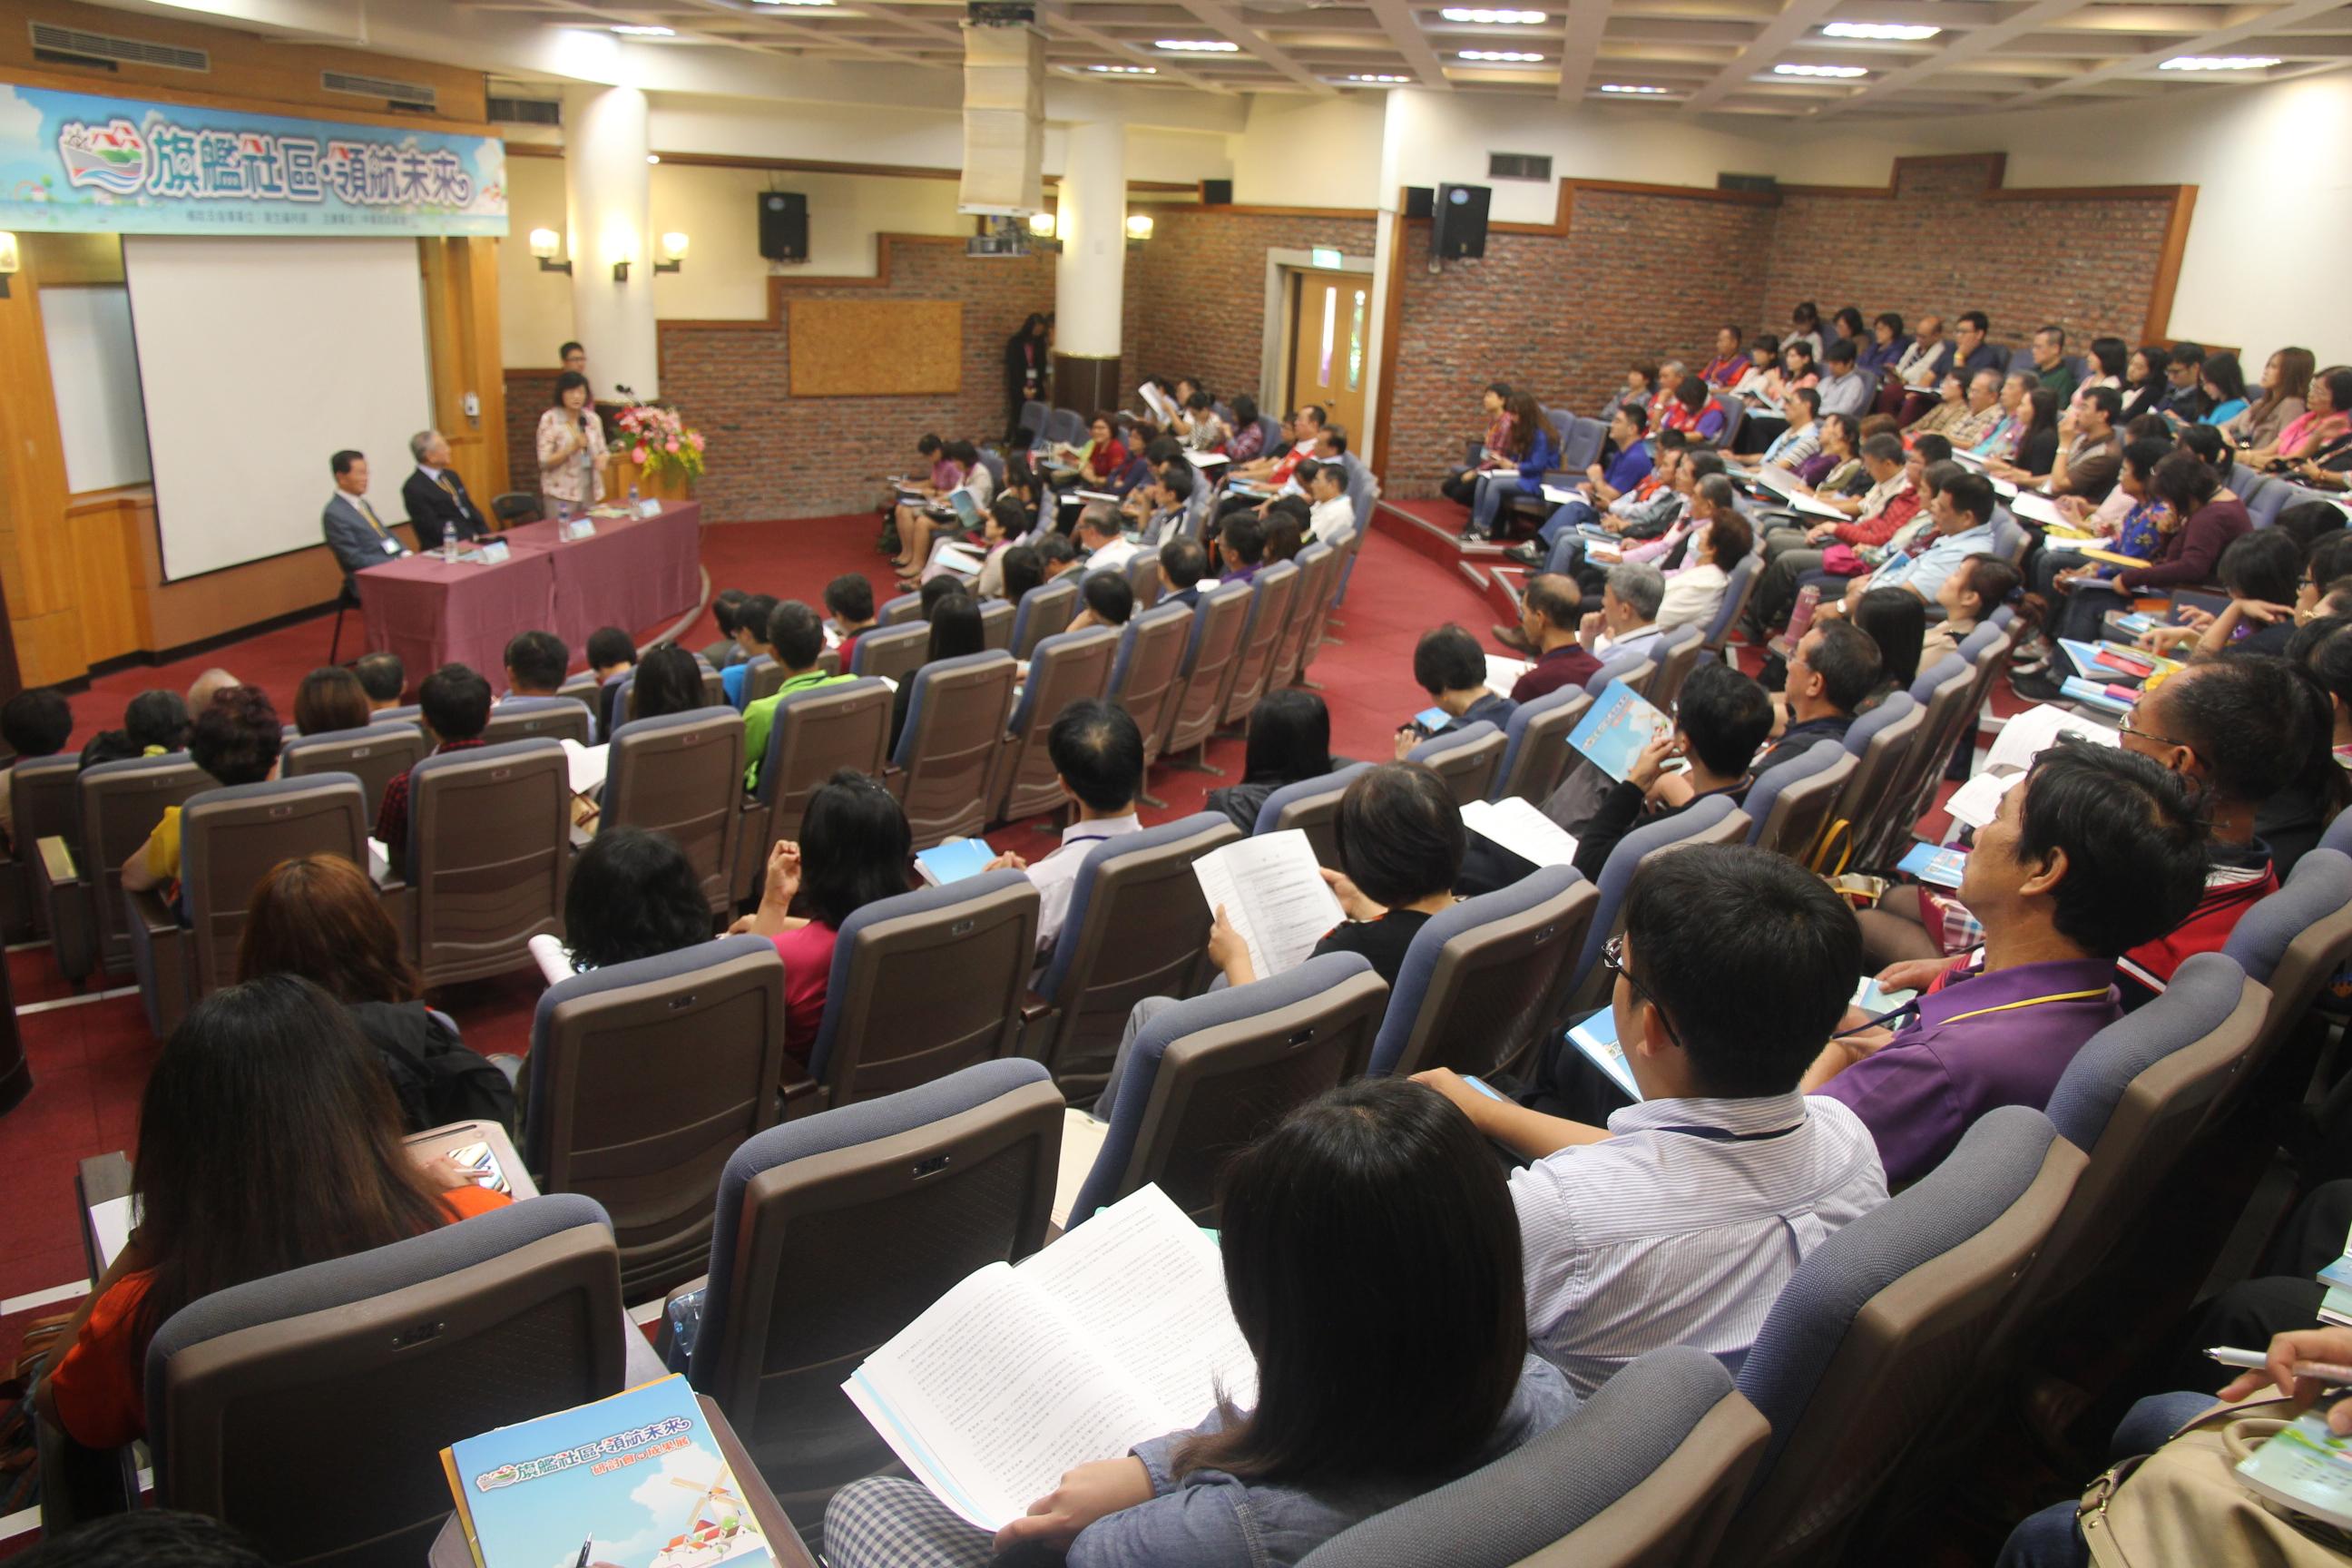 社區領域產、官、學界代表共計175人參加,座無虛席。